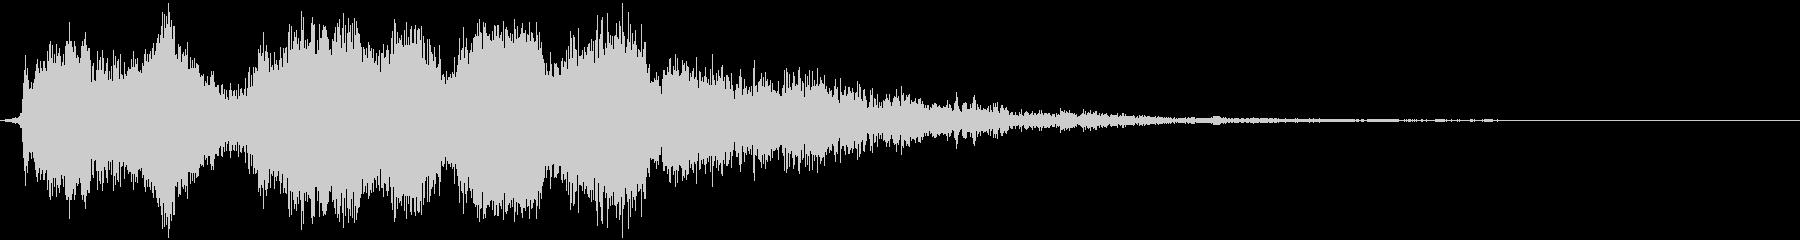 ヘビーザップの未再生の波形